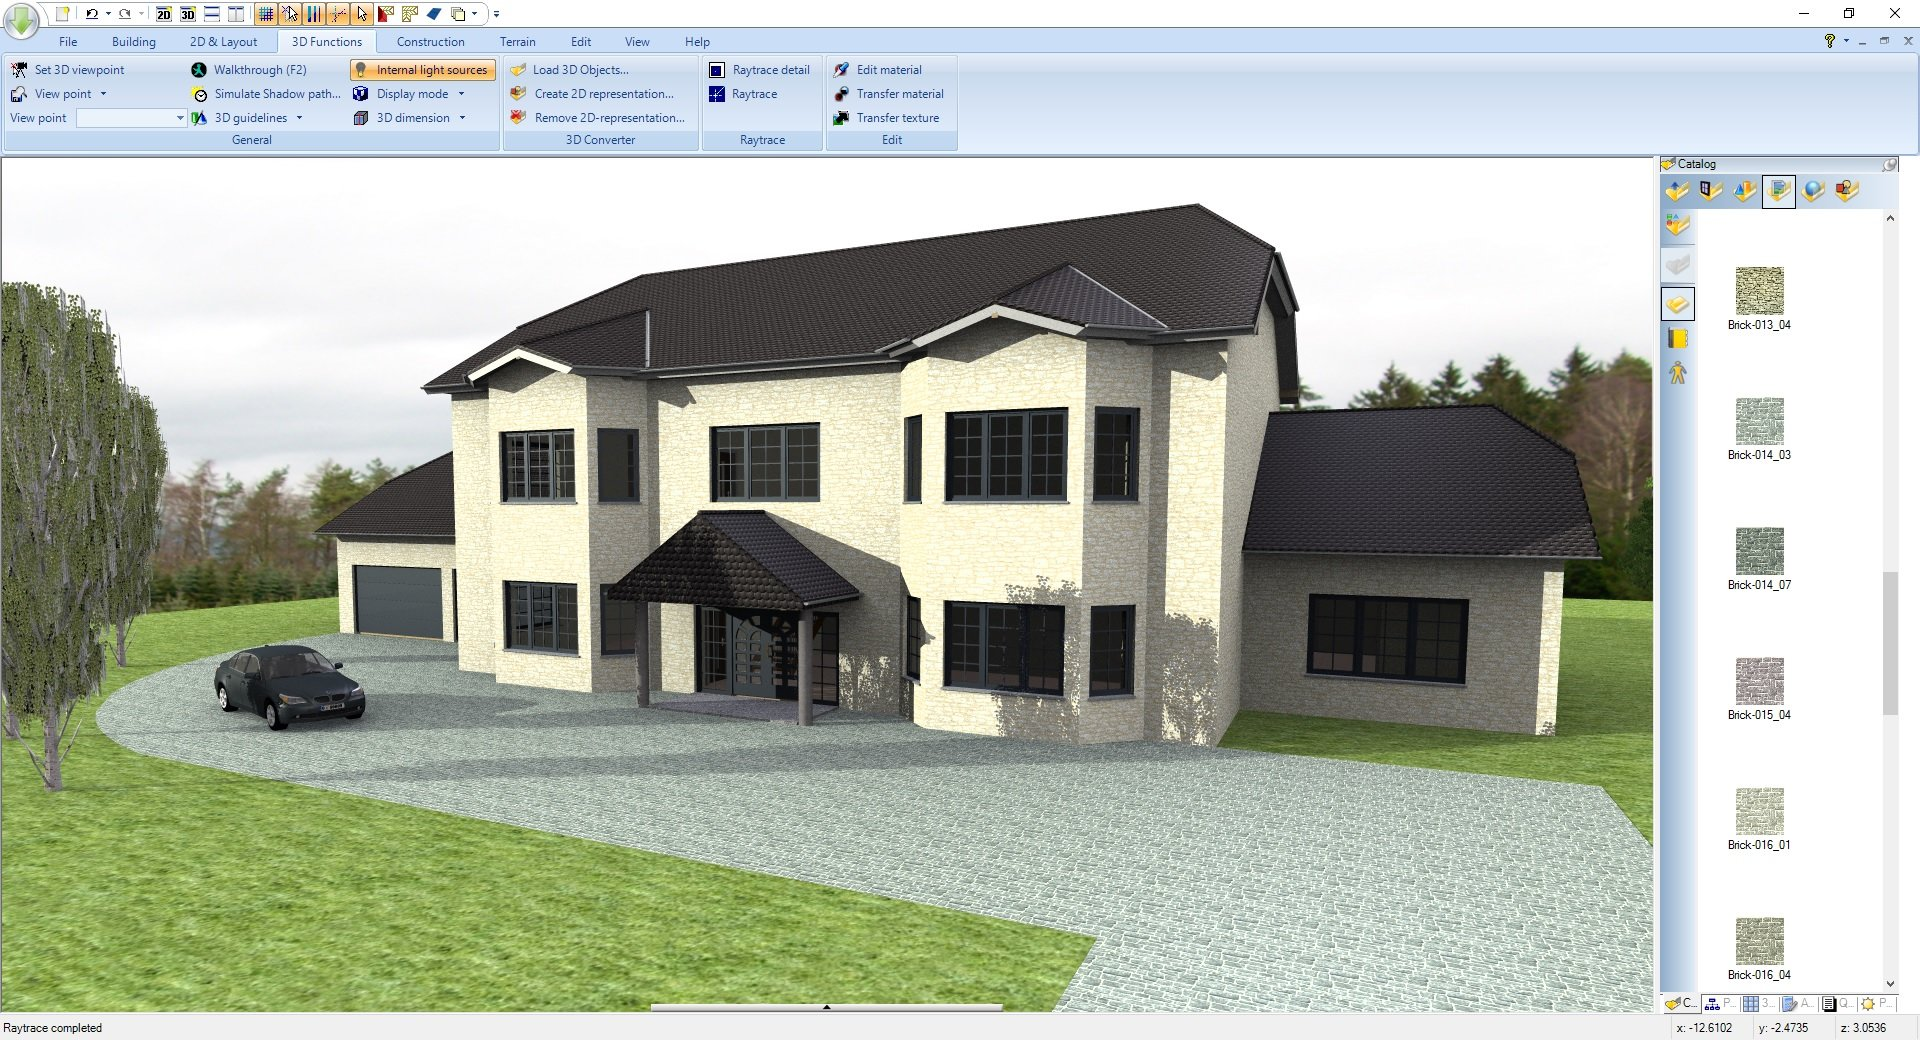 fassade - Ashampoo® Home Design 5 - Wir verlosen 5 Lizenzen